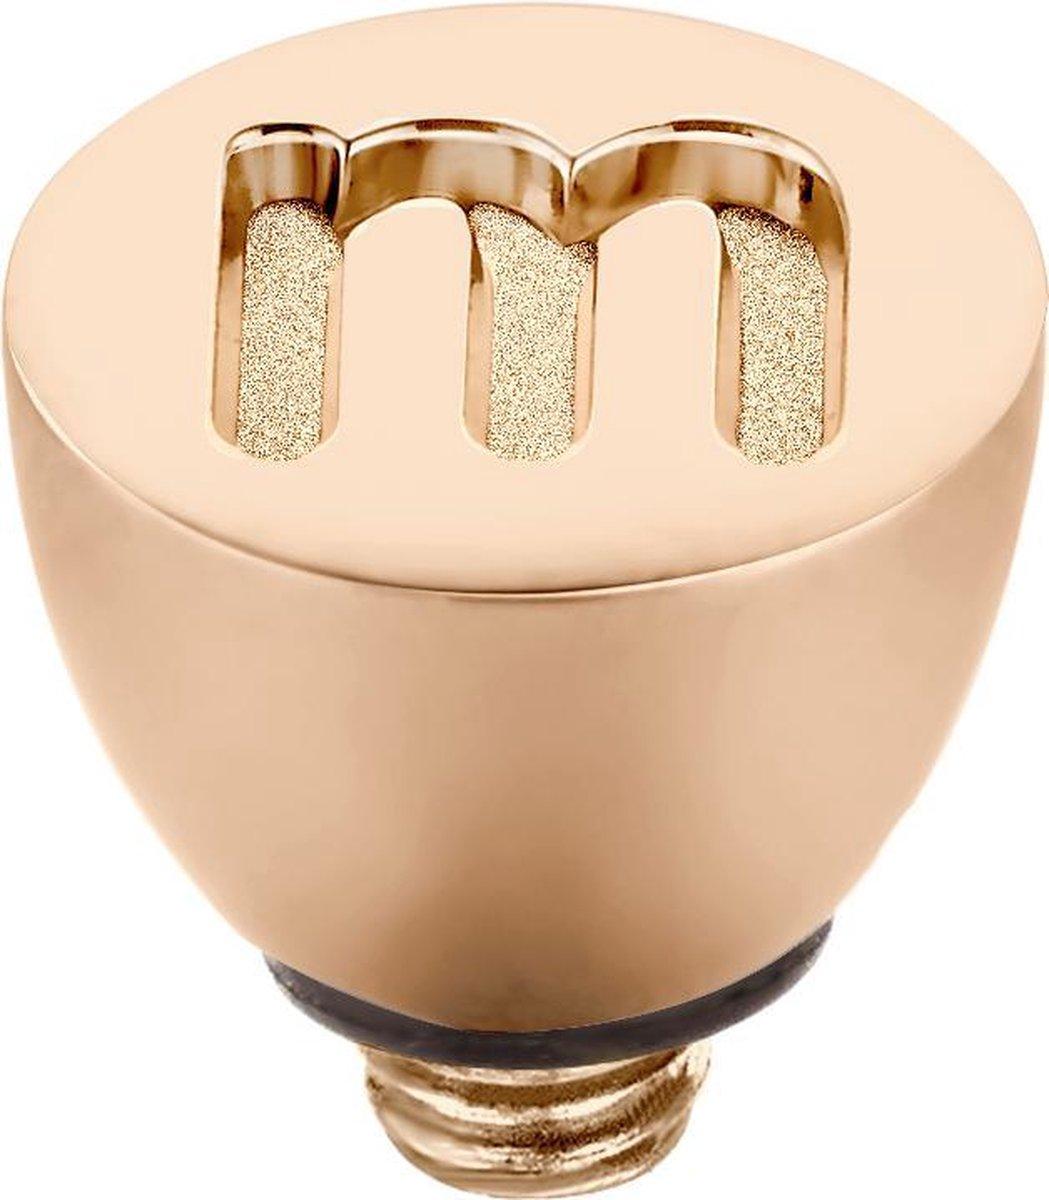 Melano Twisted steentje - letter M - dames - rosekleurig - 6 mm - Melano Jewelry